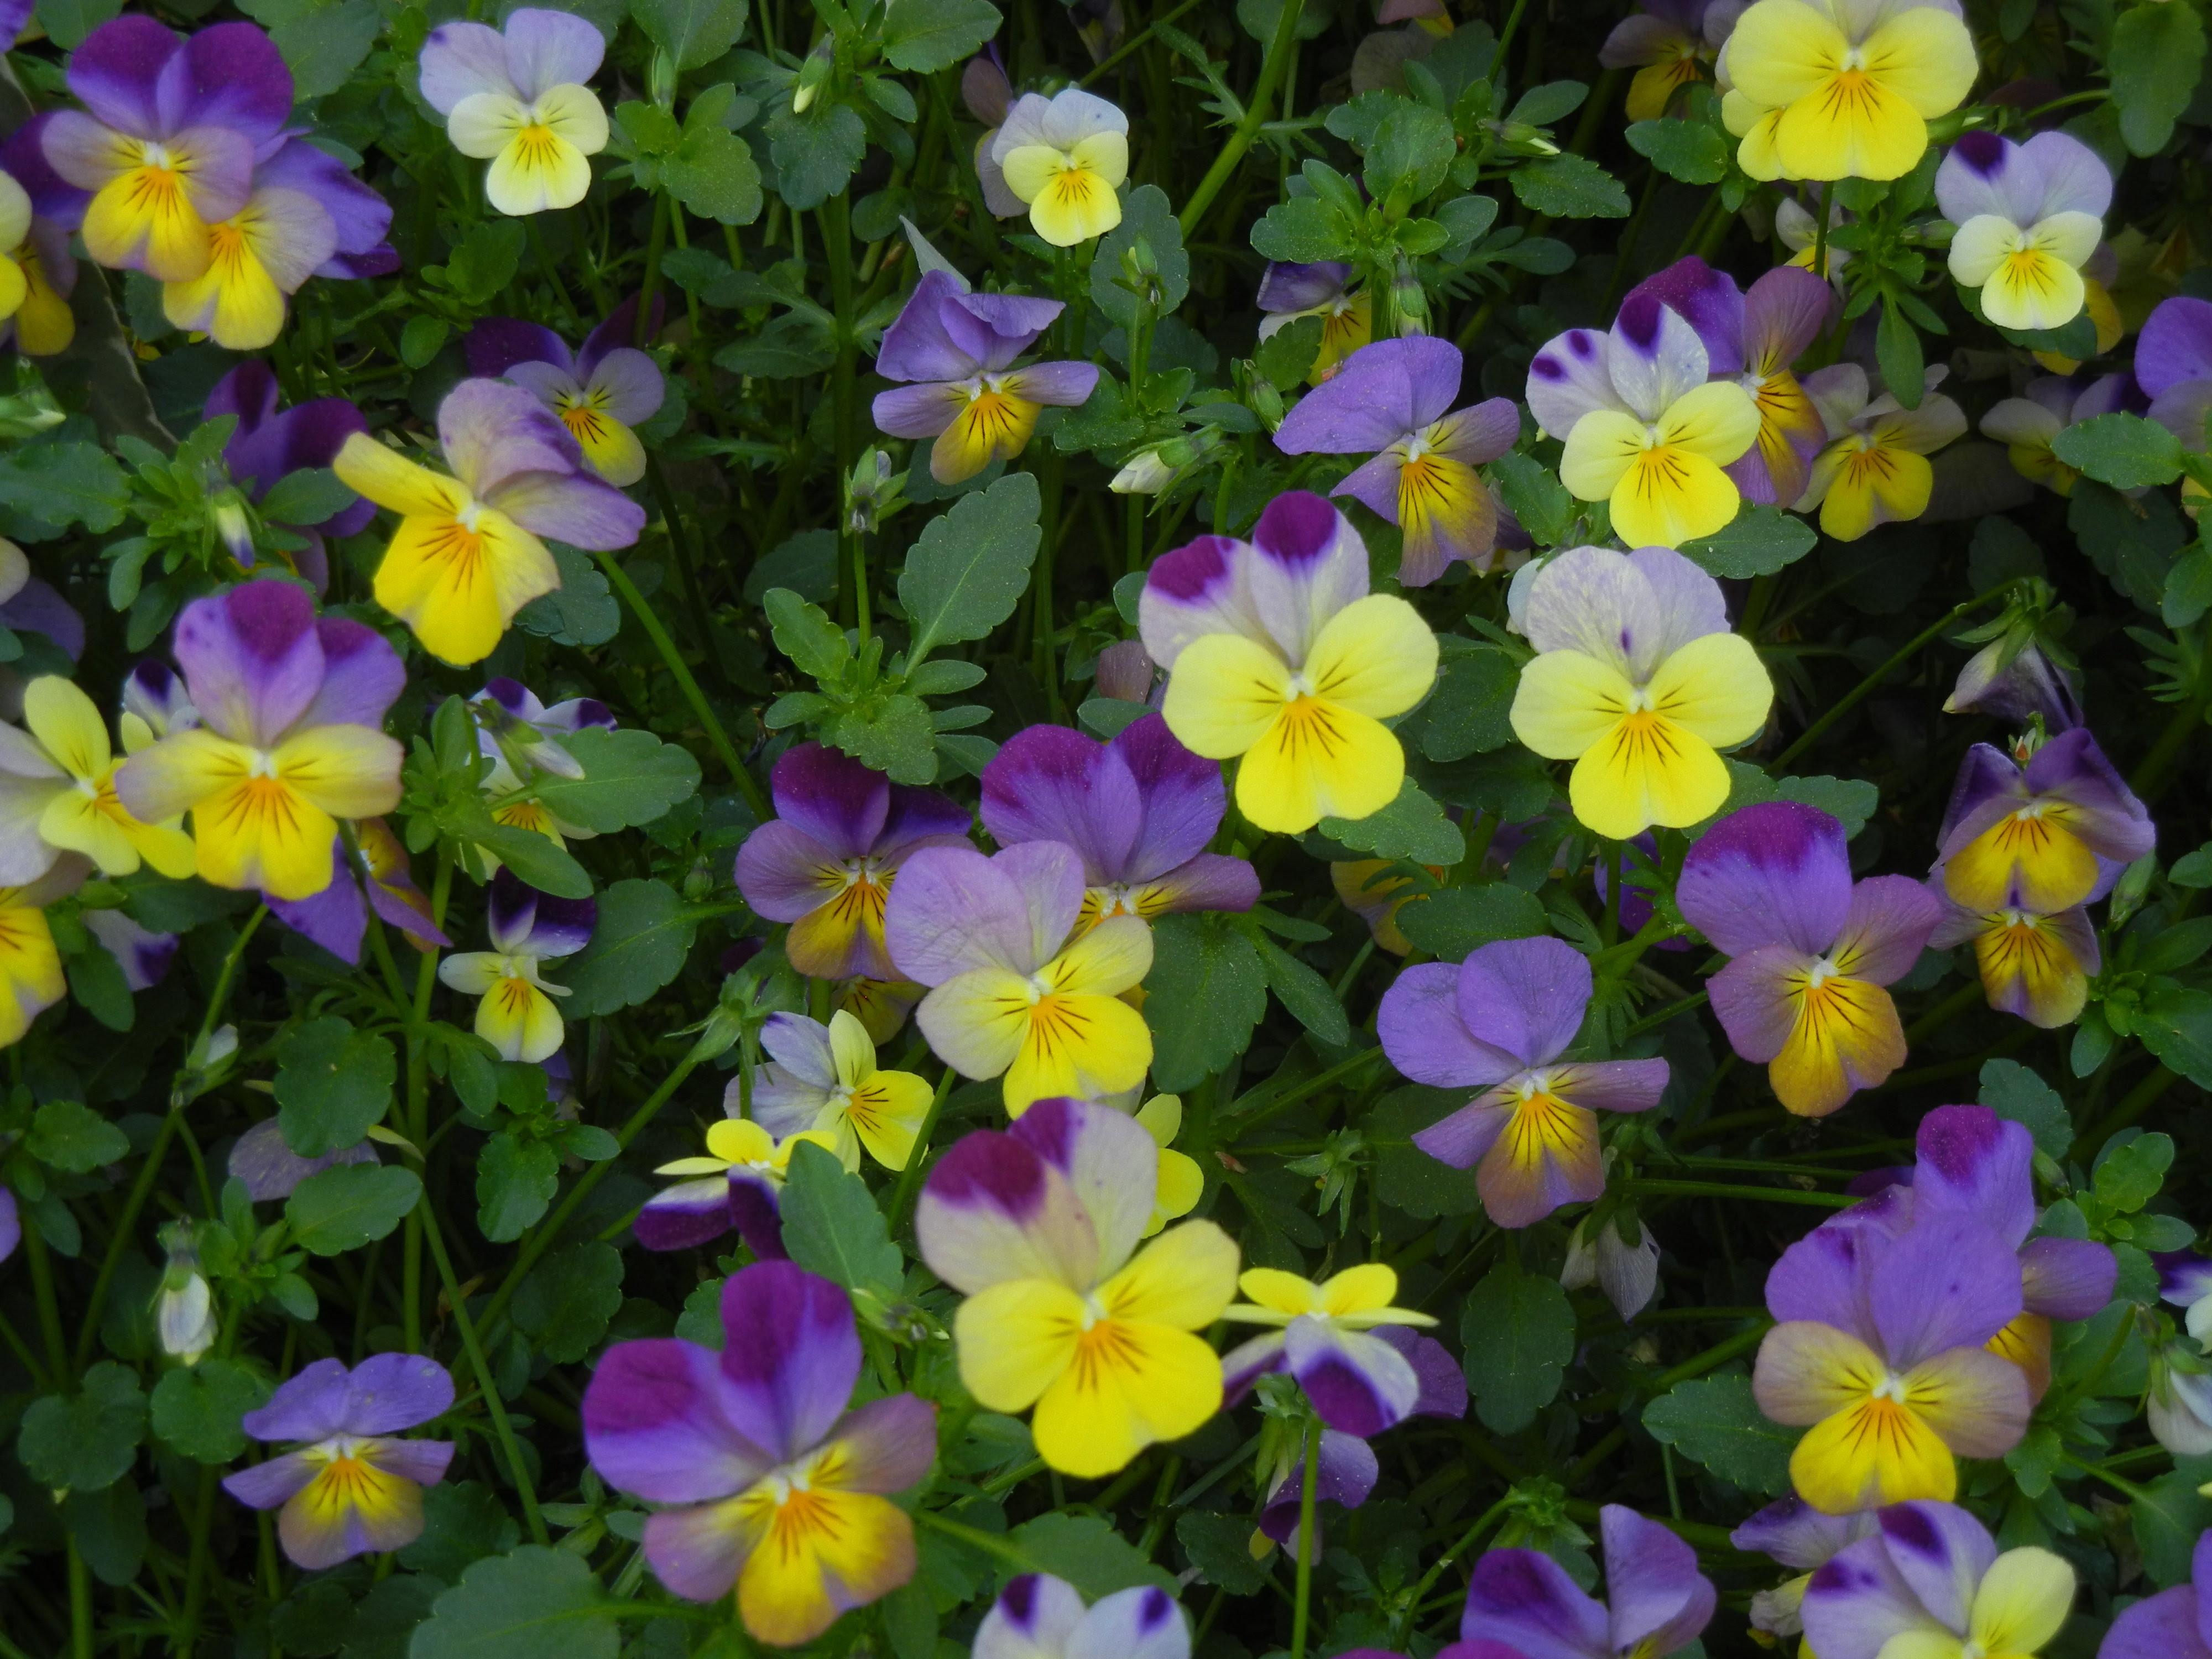 Violets – Viola sp.